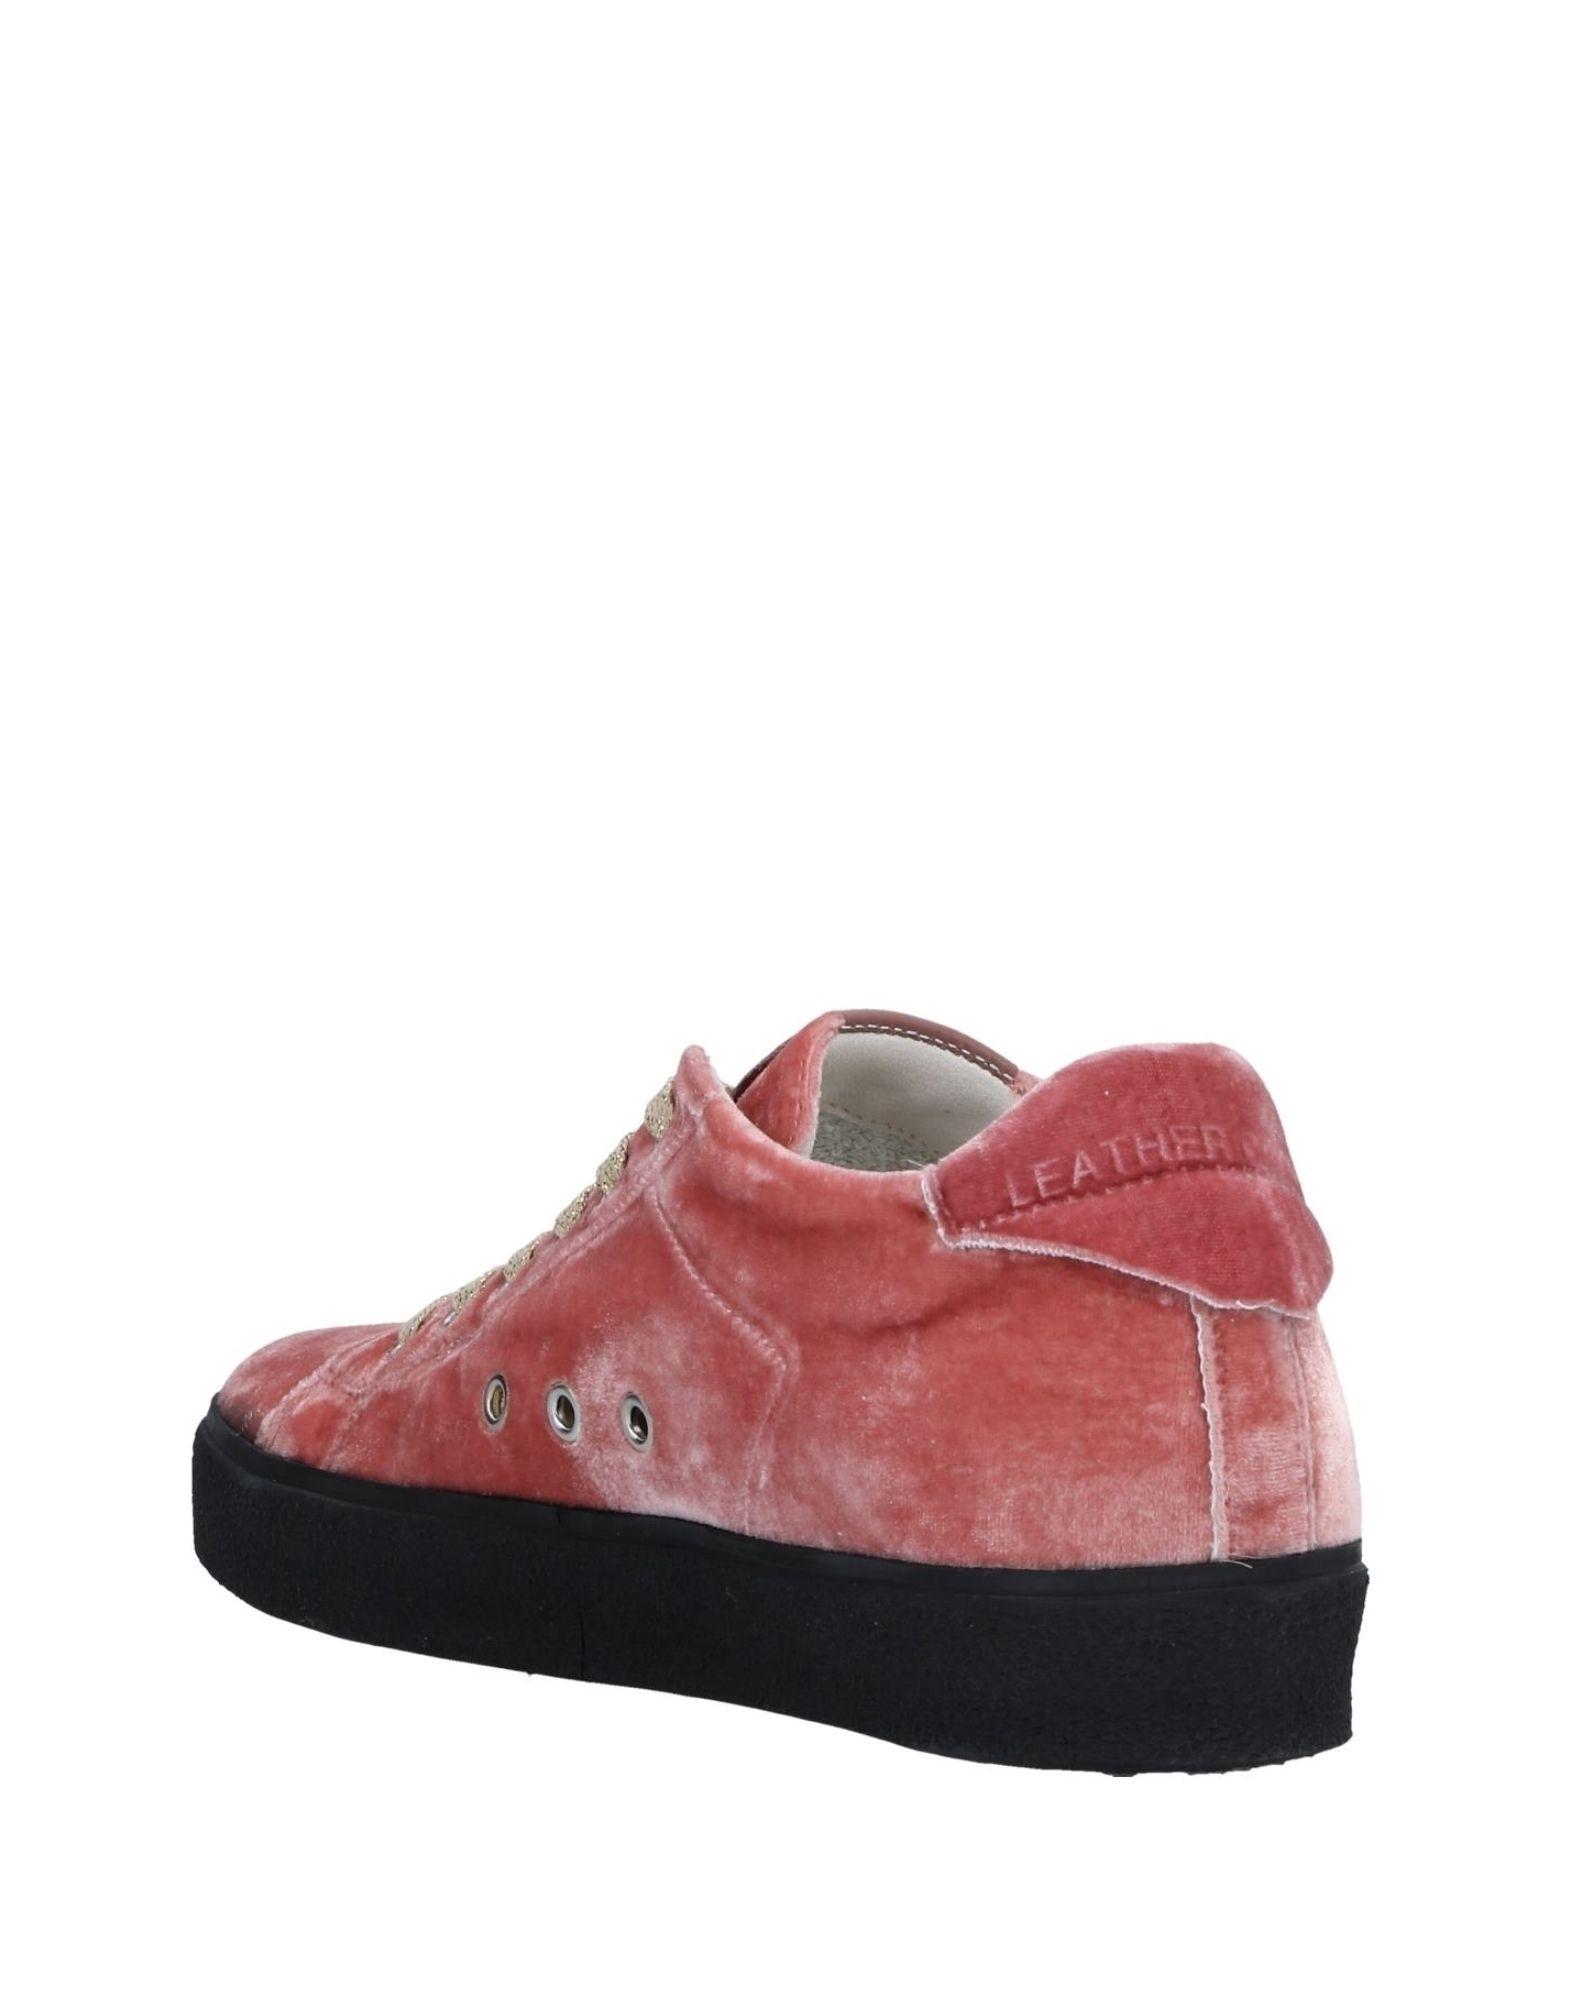 Leather Crown Sneakers  Damen  Sneakers 11533485EE  1be6b5